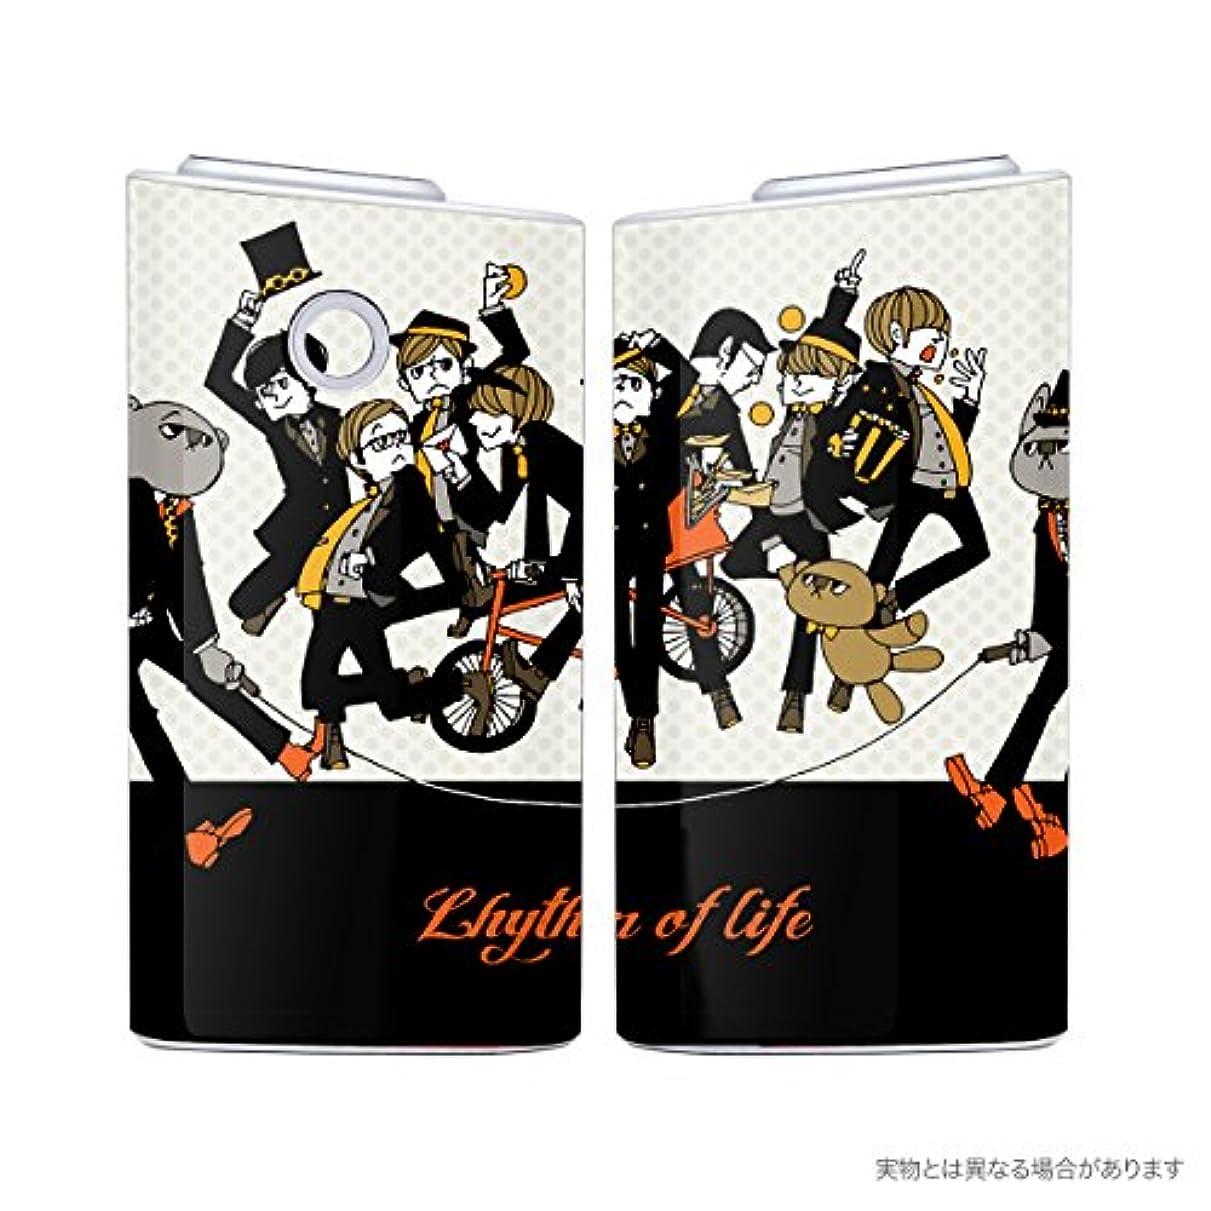 バルブアーティキュレーション休日Biijo グロー シール glo スキンシール 全面対応 ミキワカコ トラベルシリーズ (C.ジャンプ)